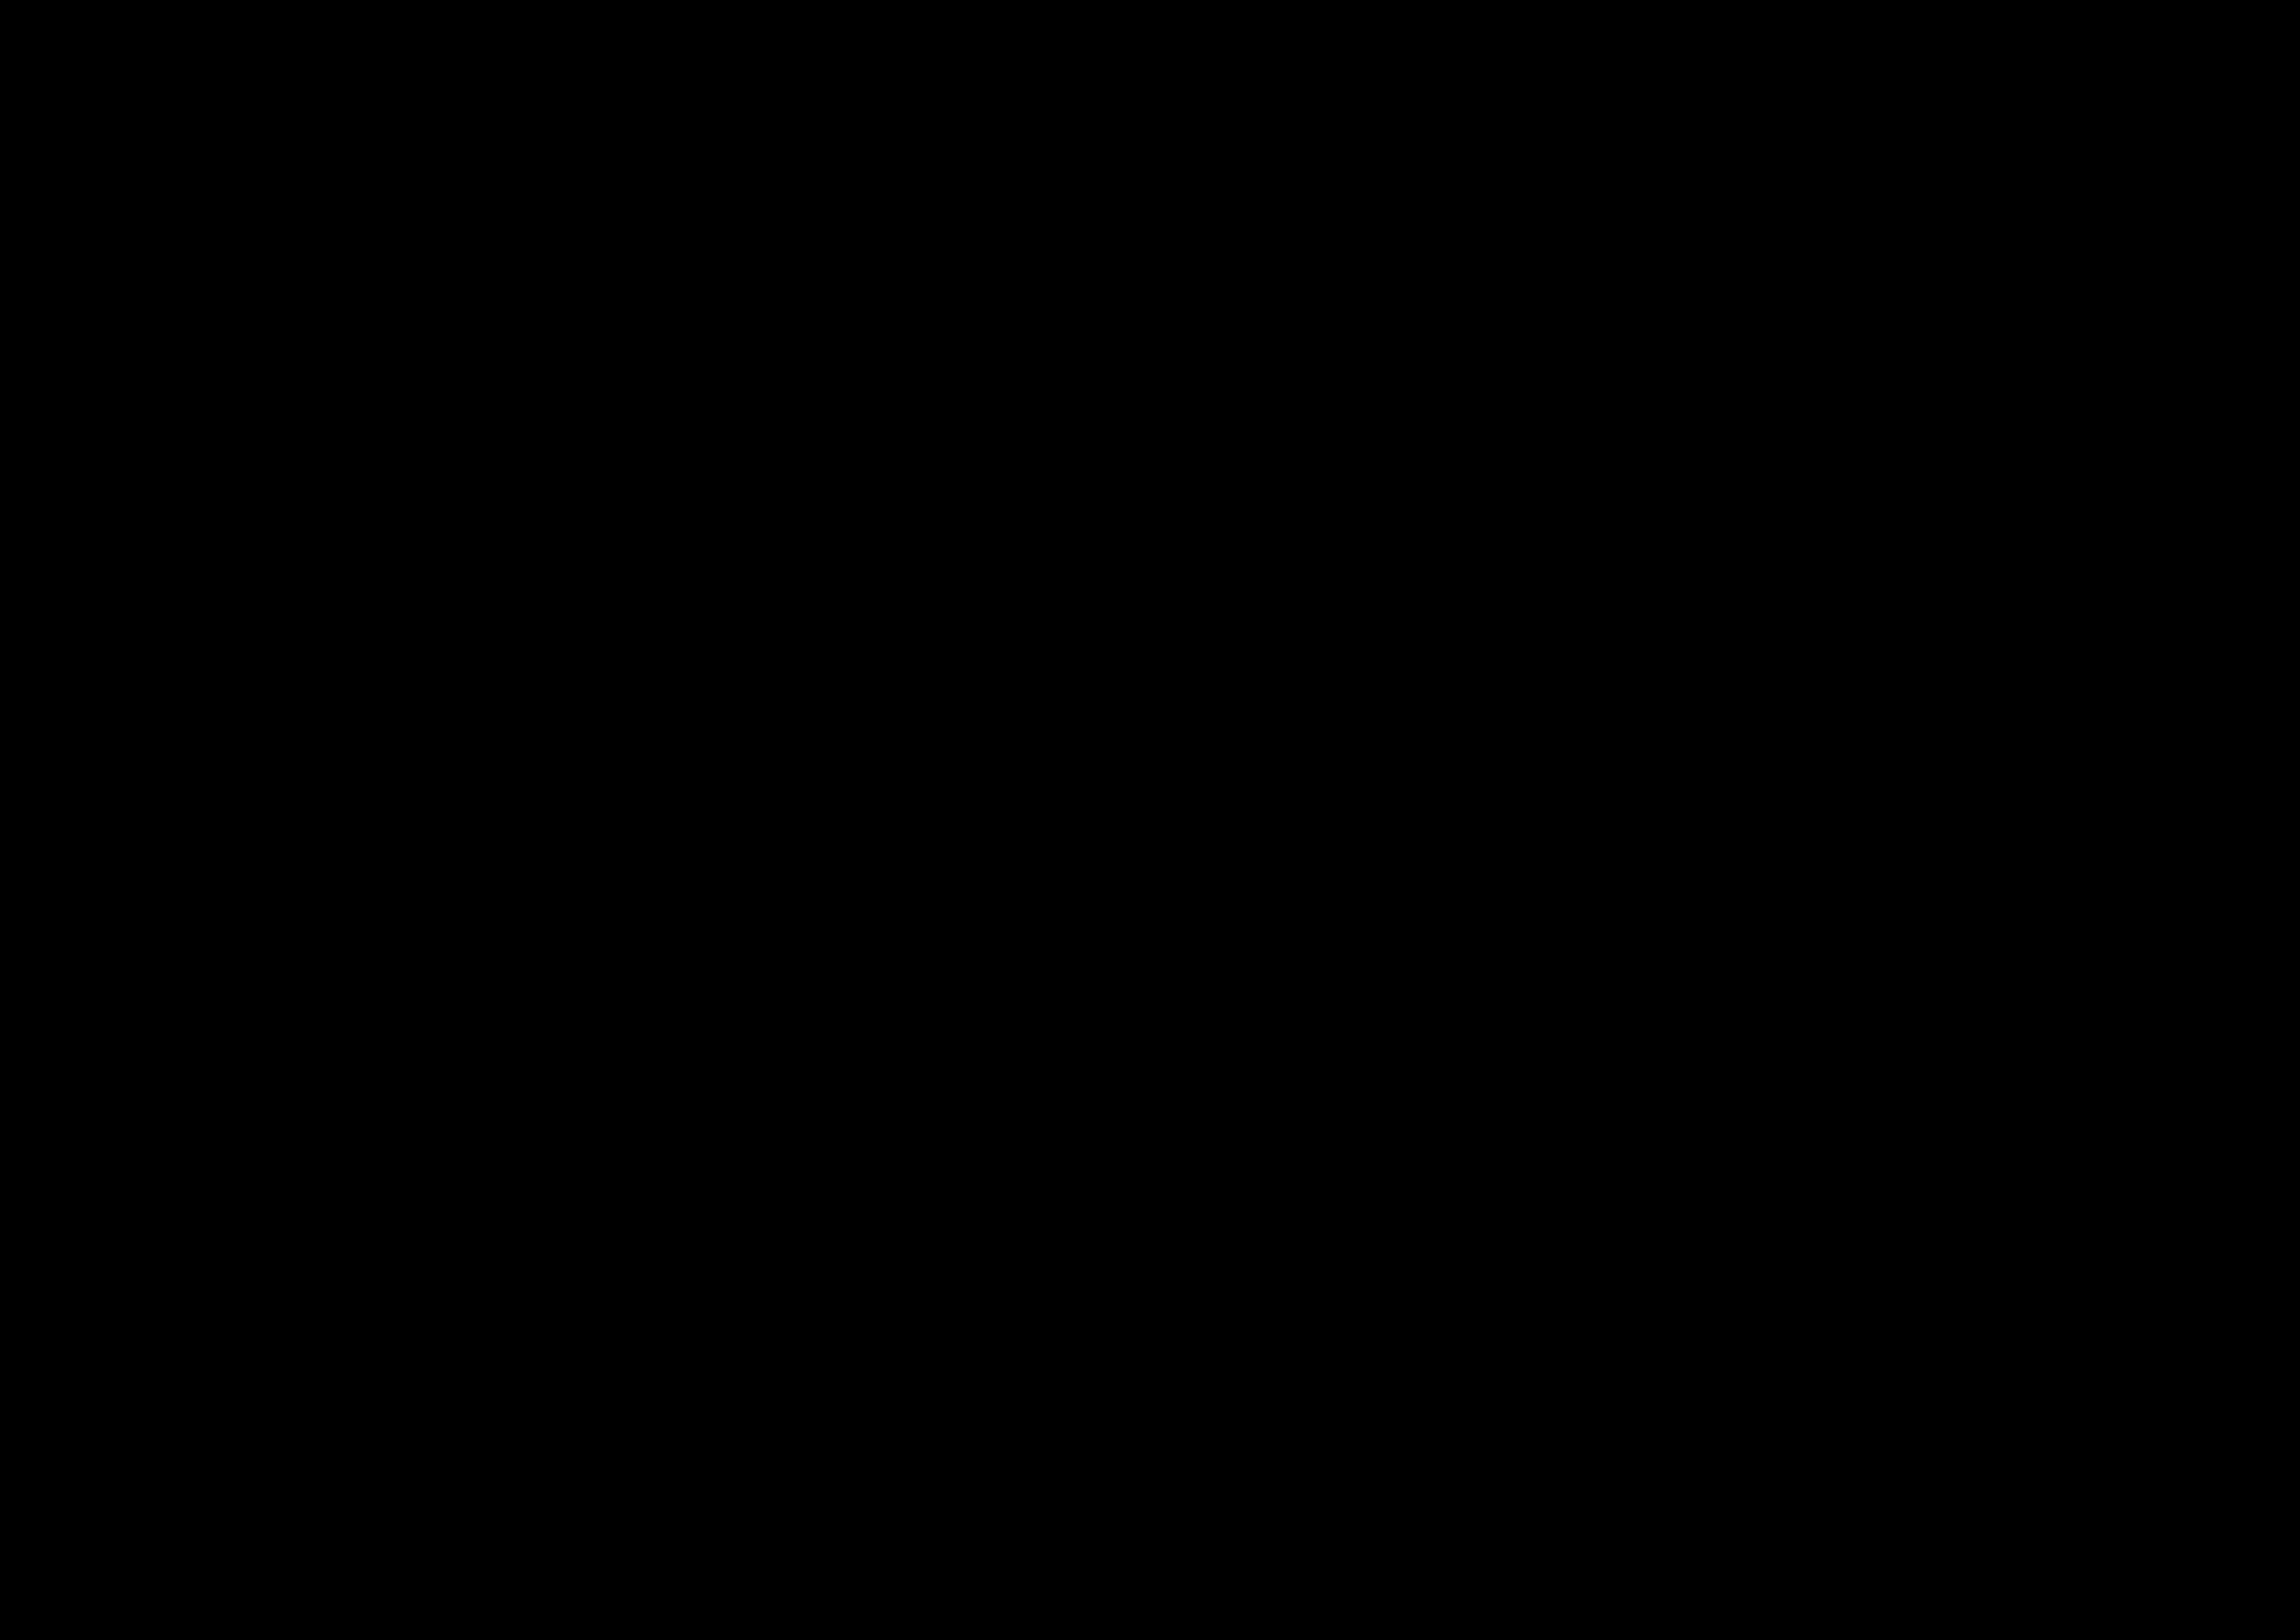 lobby-logo-01